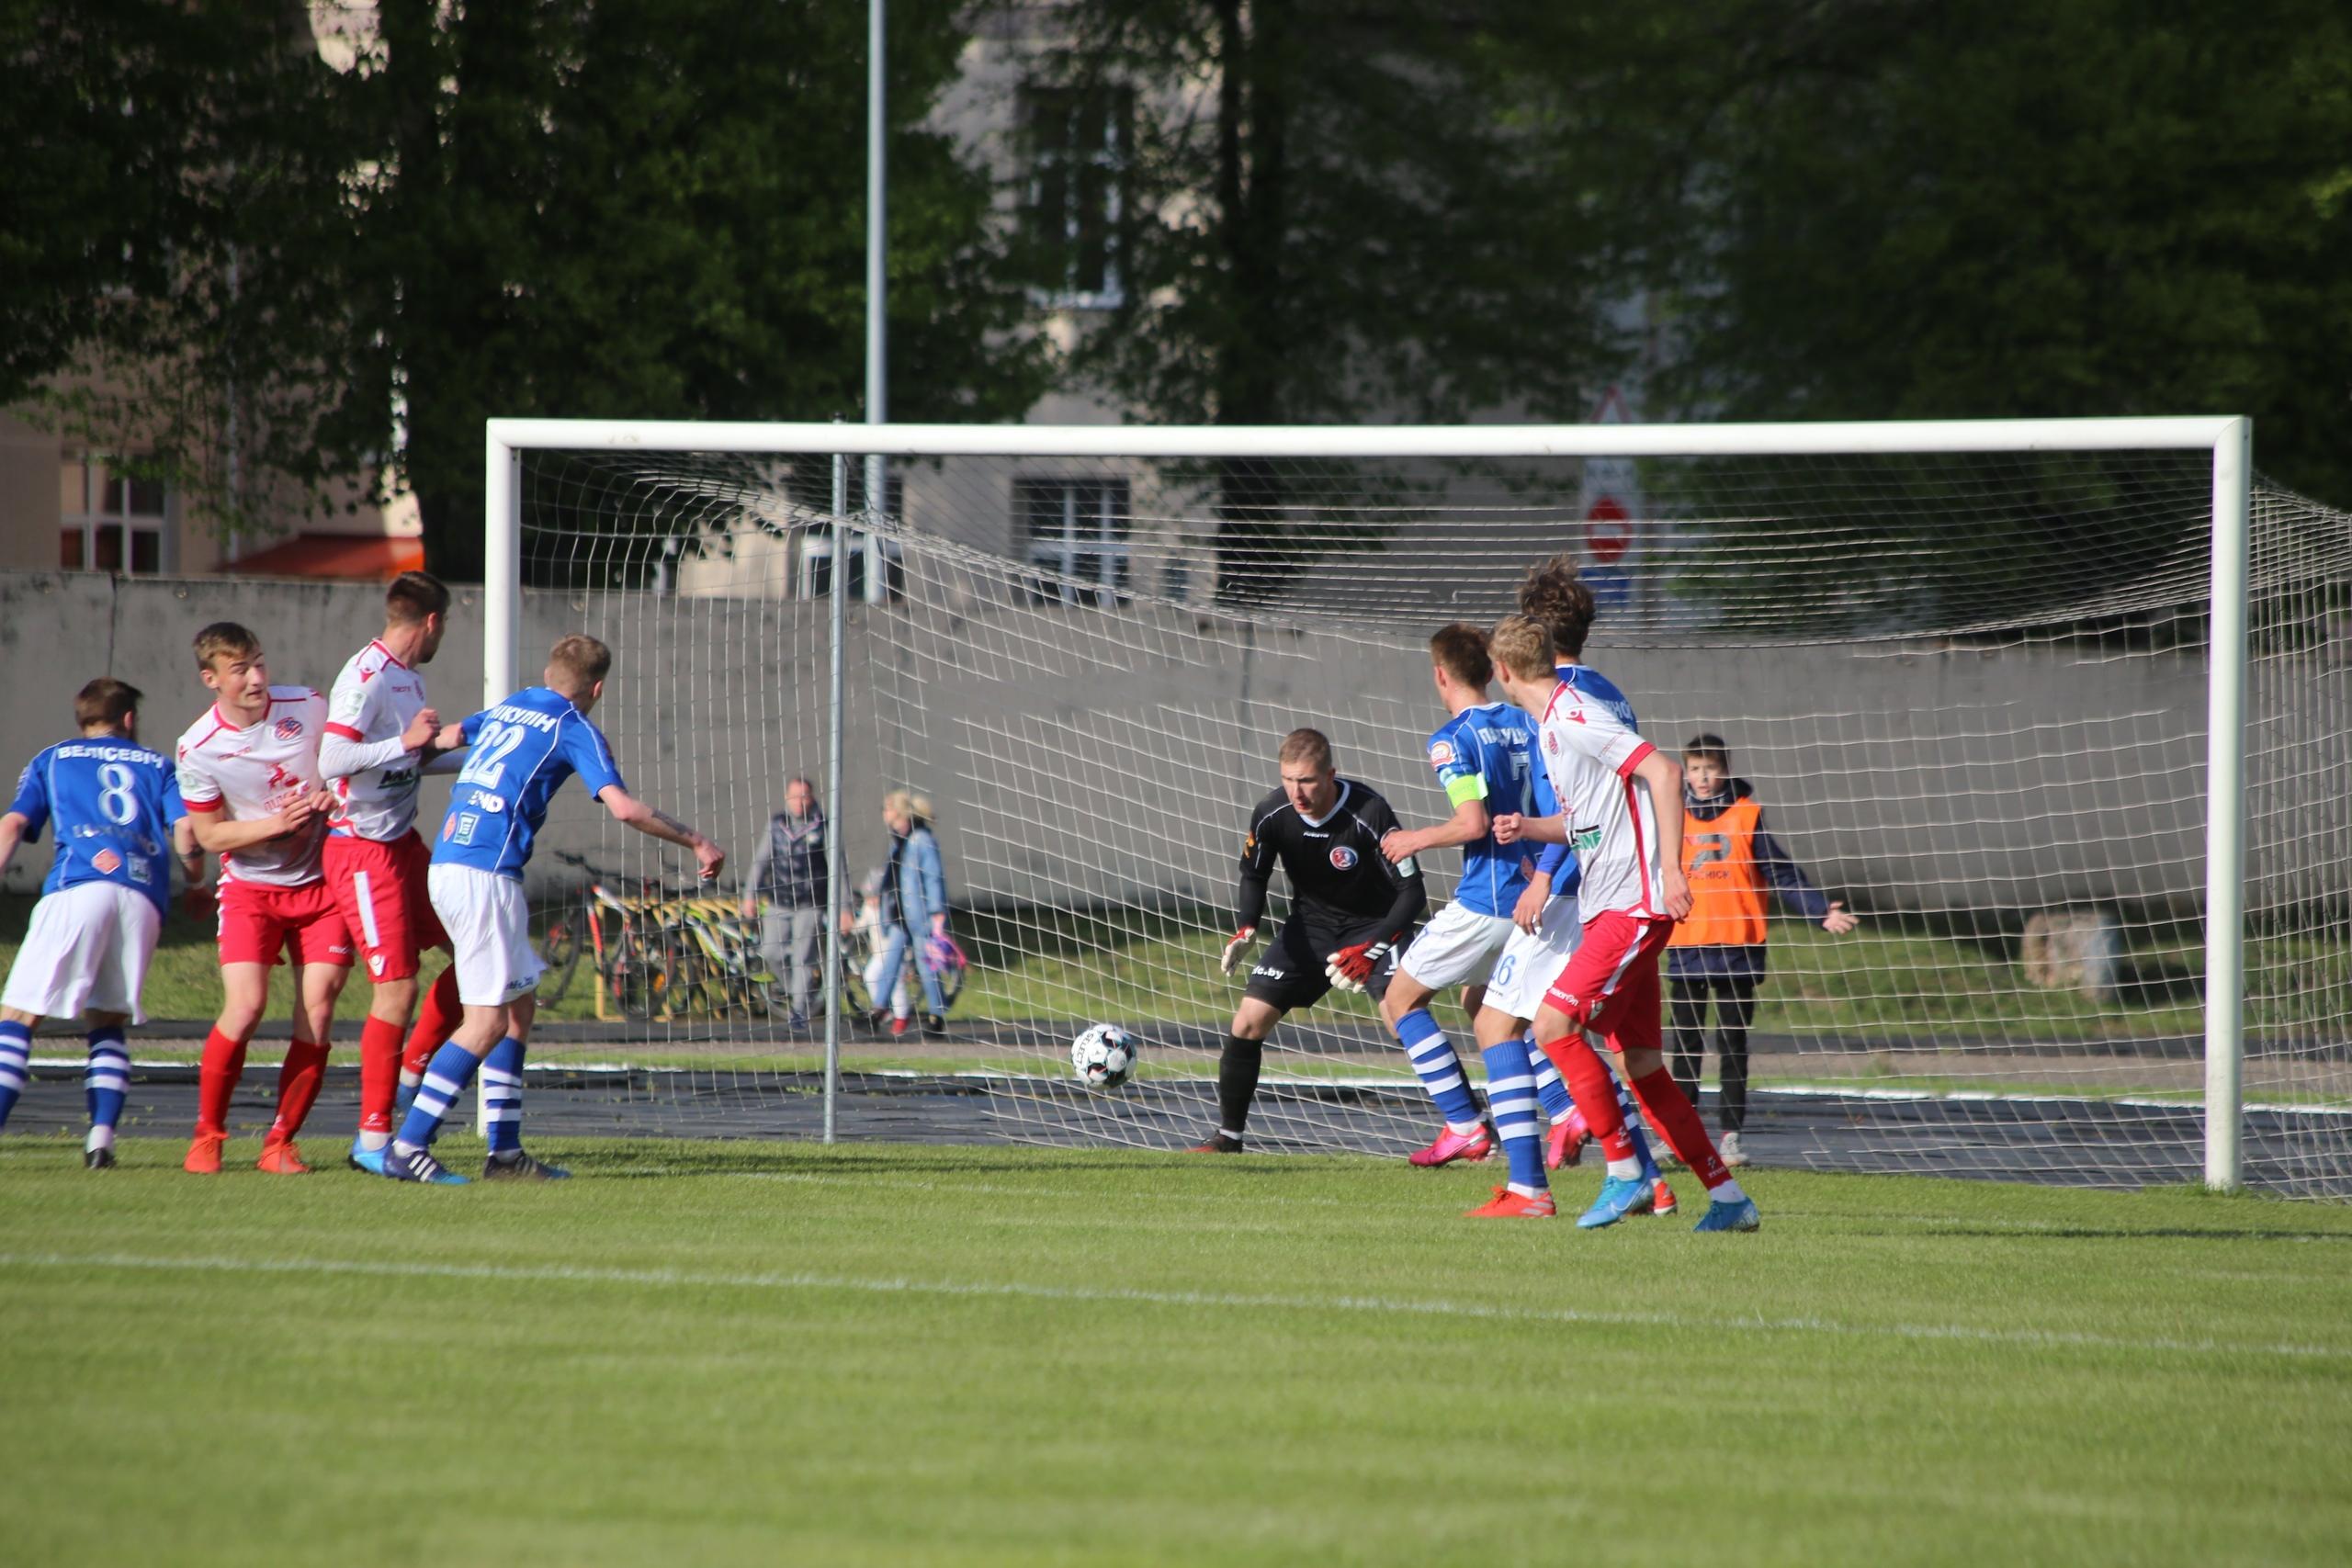 Вчера в Ошмянах состоялся 18 тур Чемпионата Республики Беларусь по футболу среди команд первой лиги.